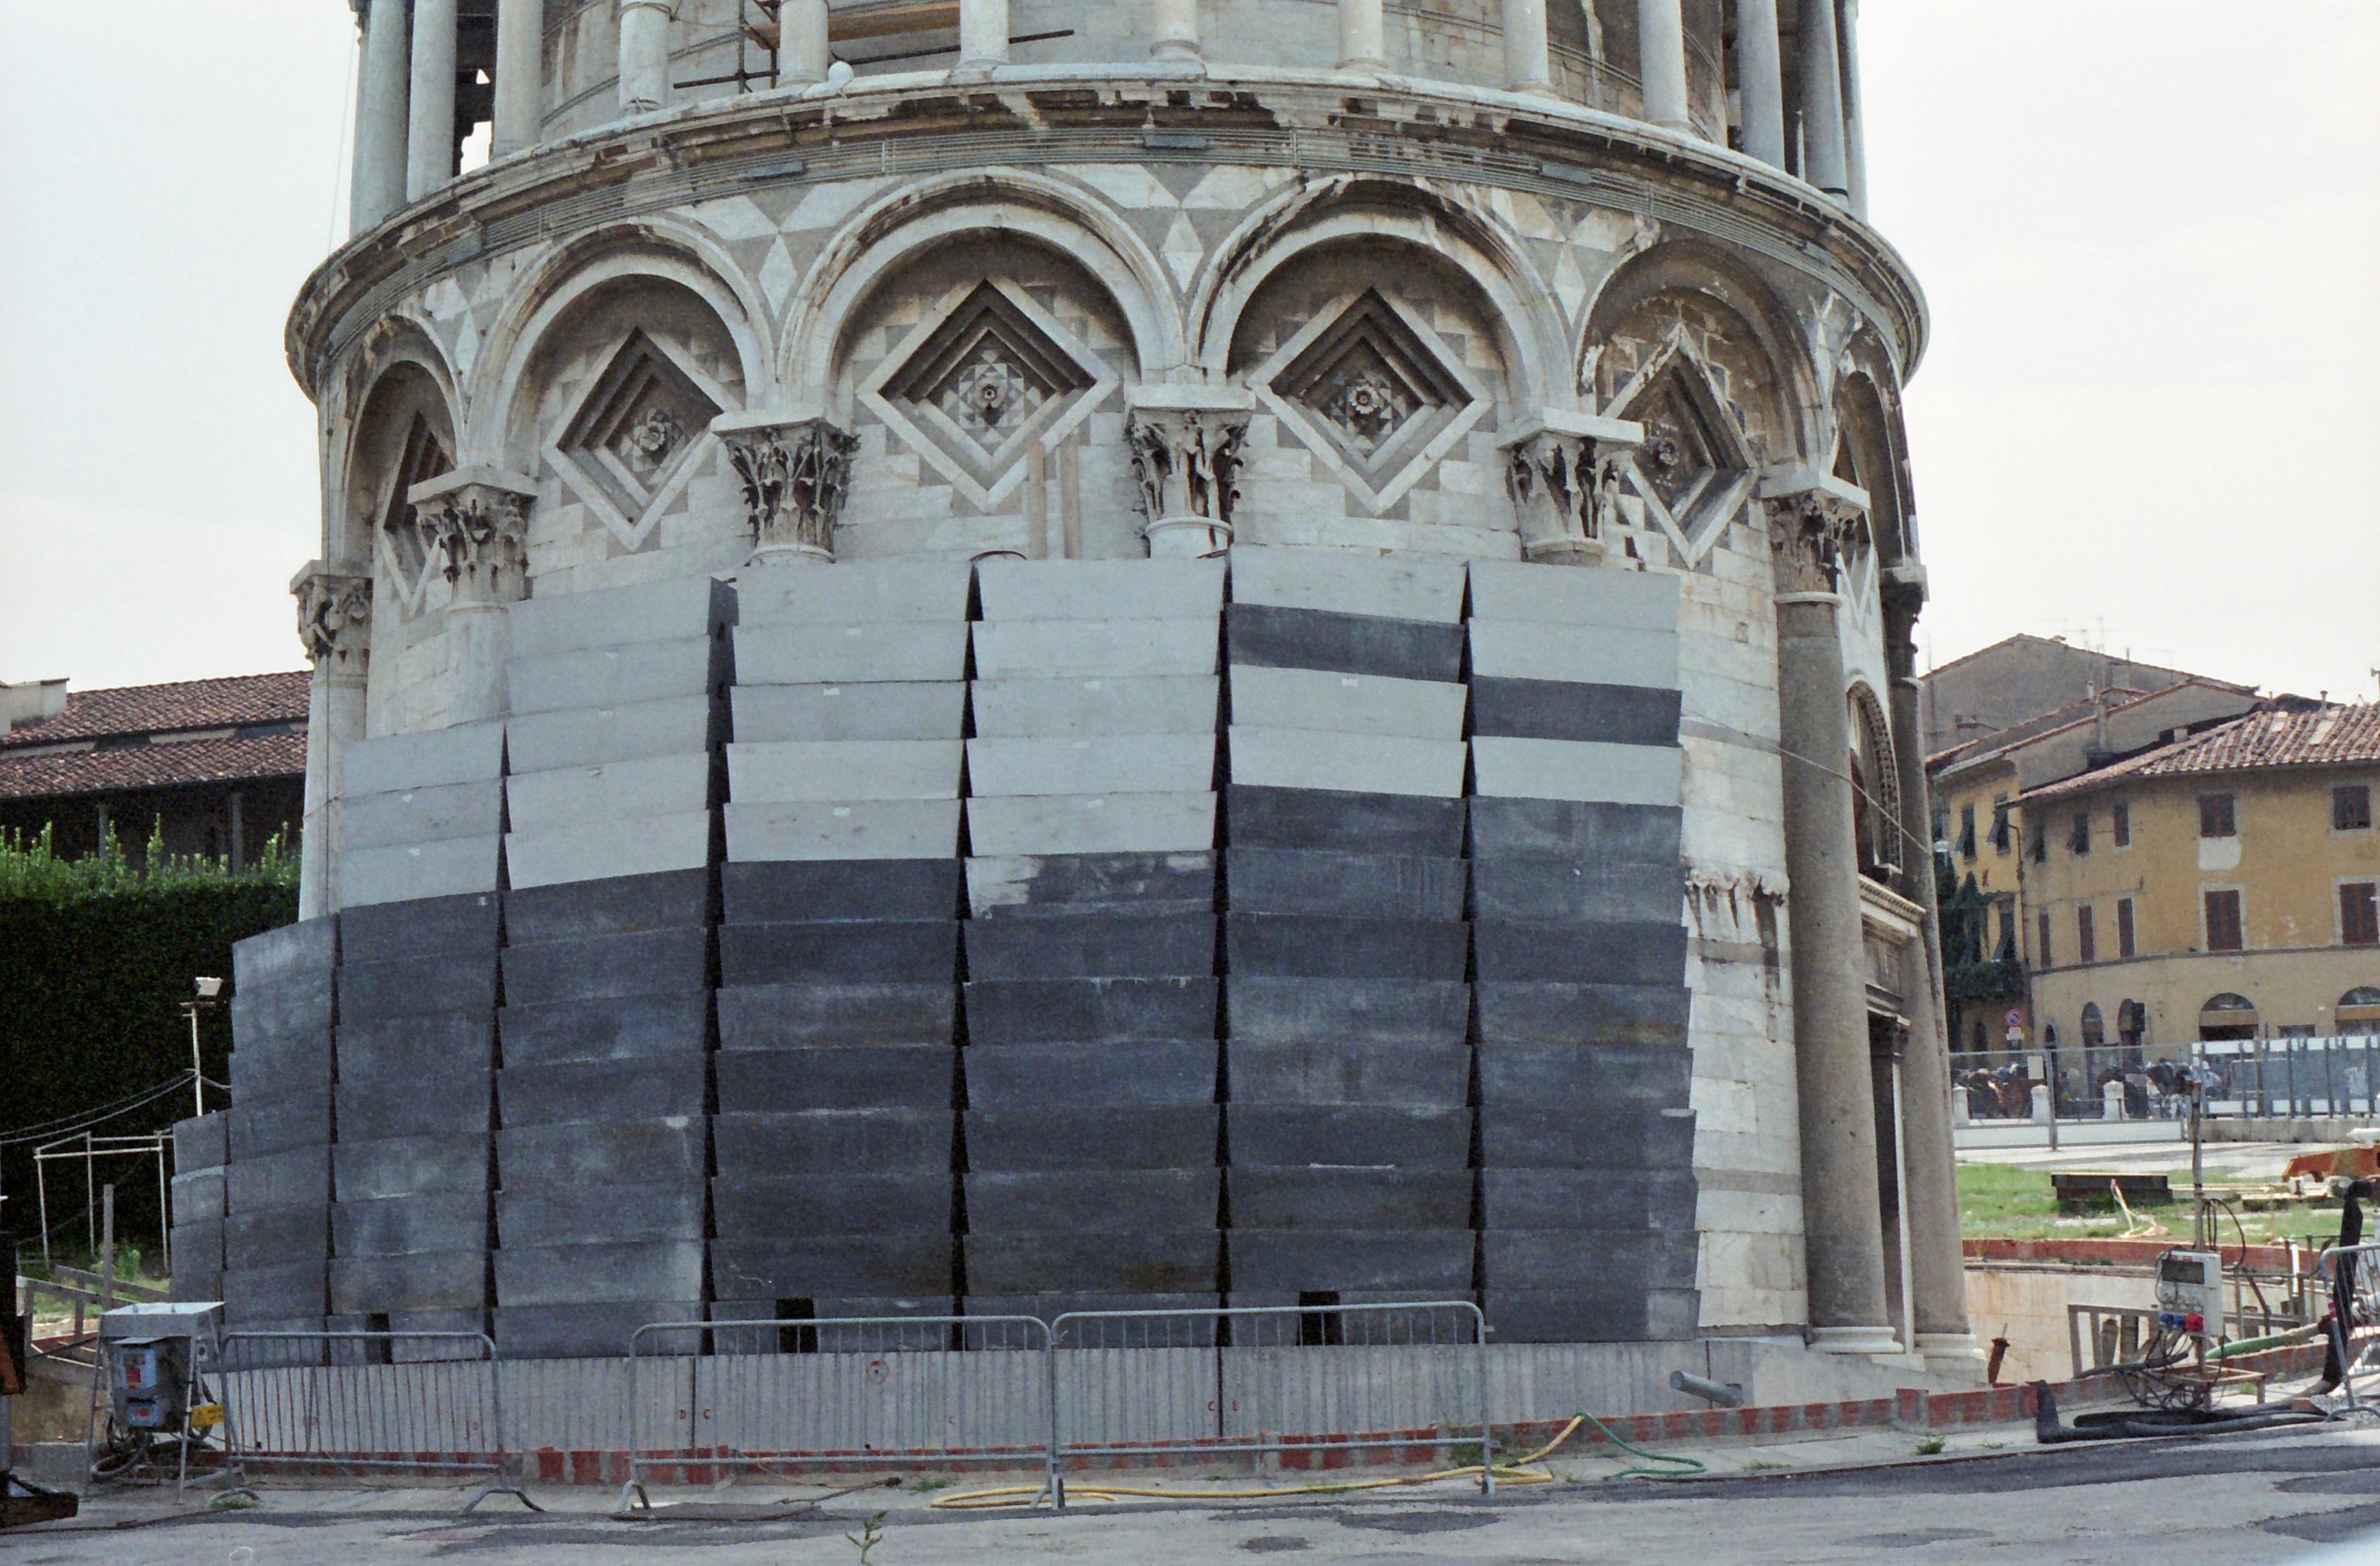 I contrappesi di piombo appoggiati alla base della Torre nel 1993 per contrastarne il ribaltamento